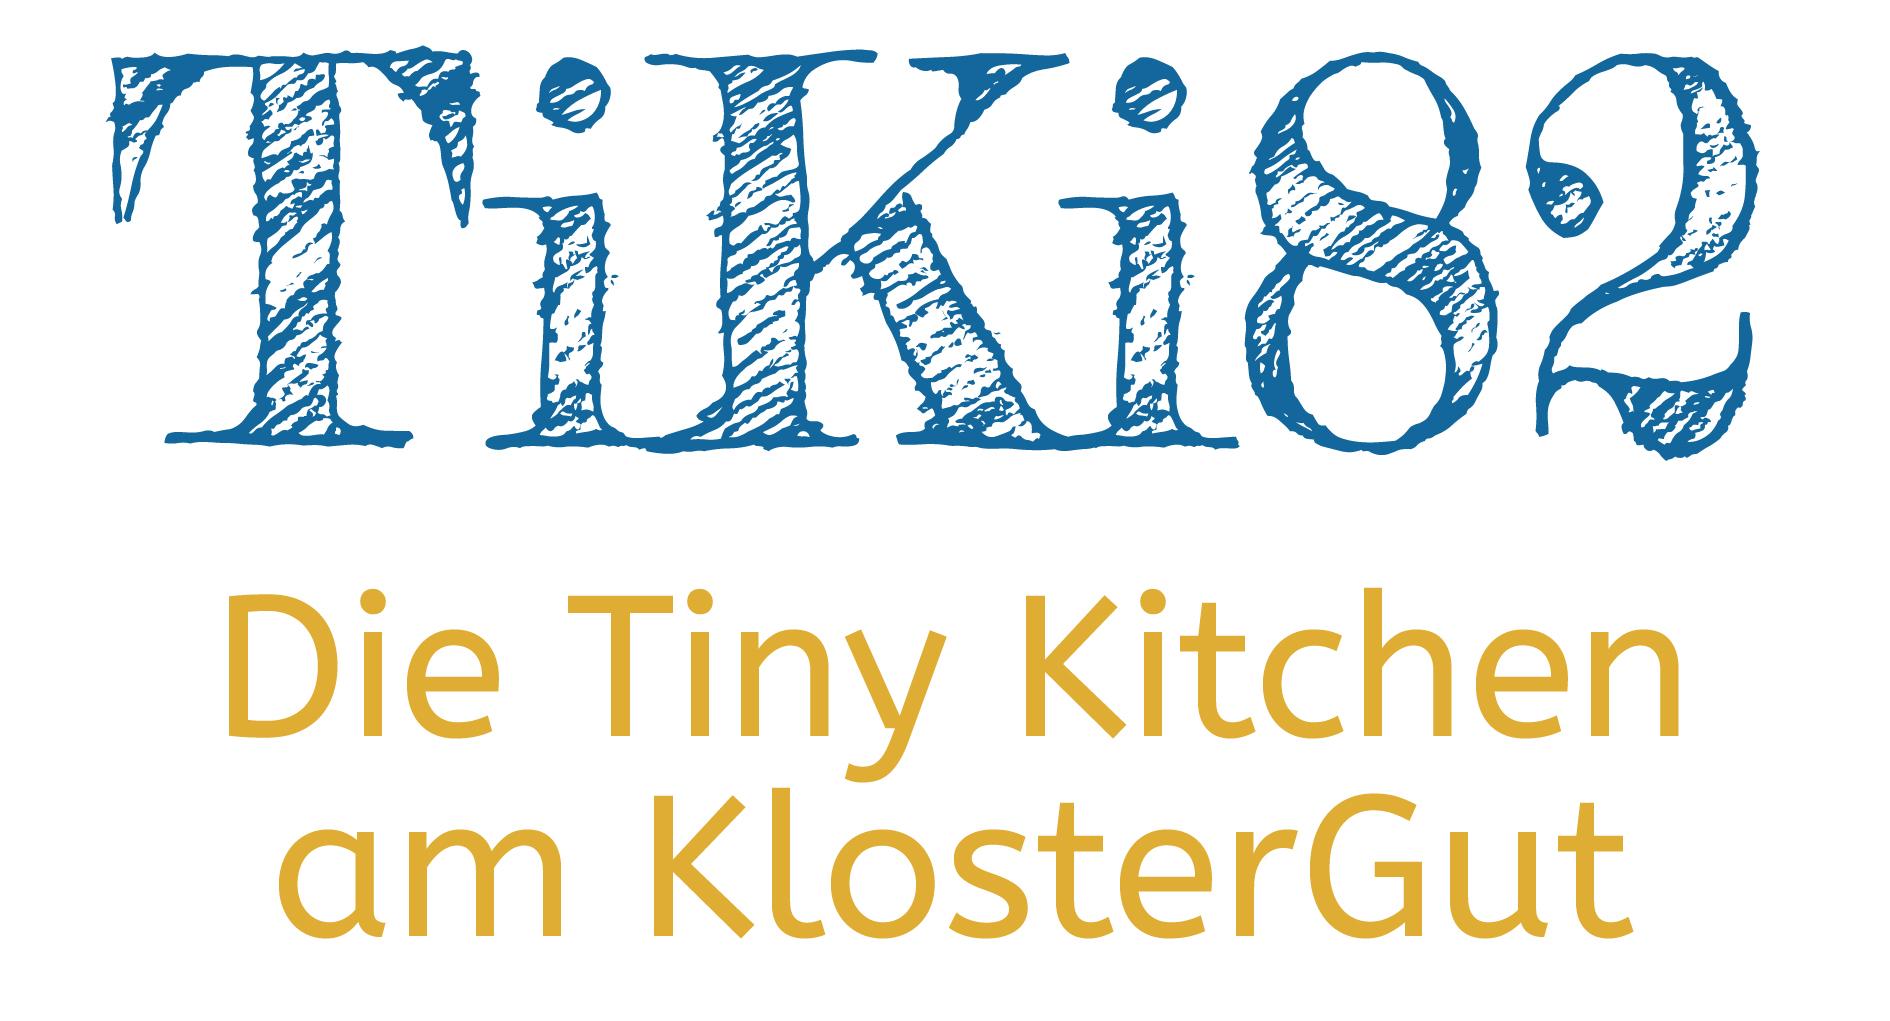 TiKi82 - TinyKitchen am KlosterGut